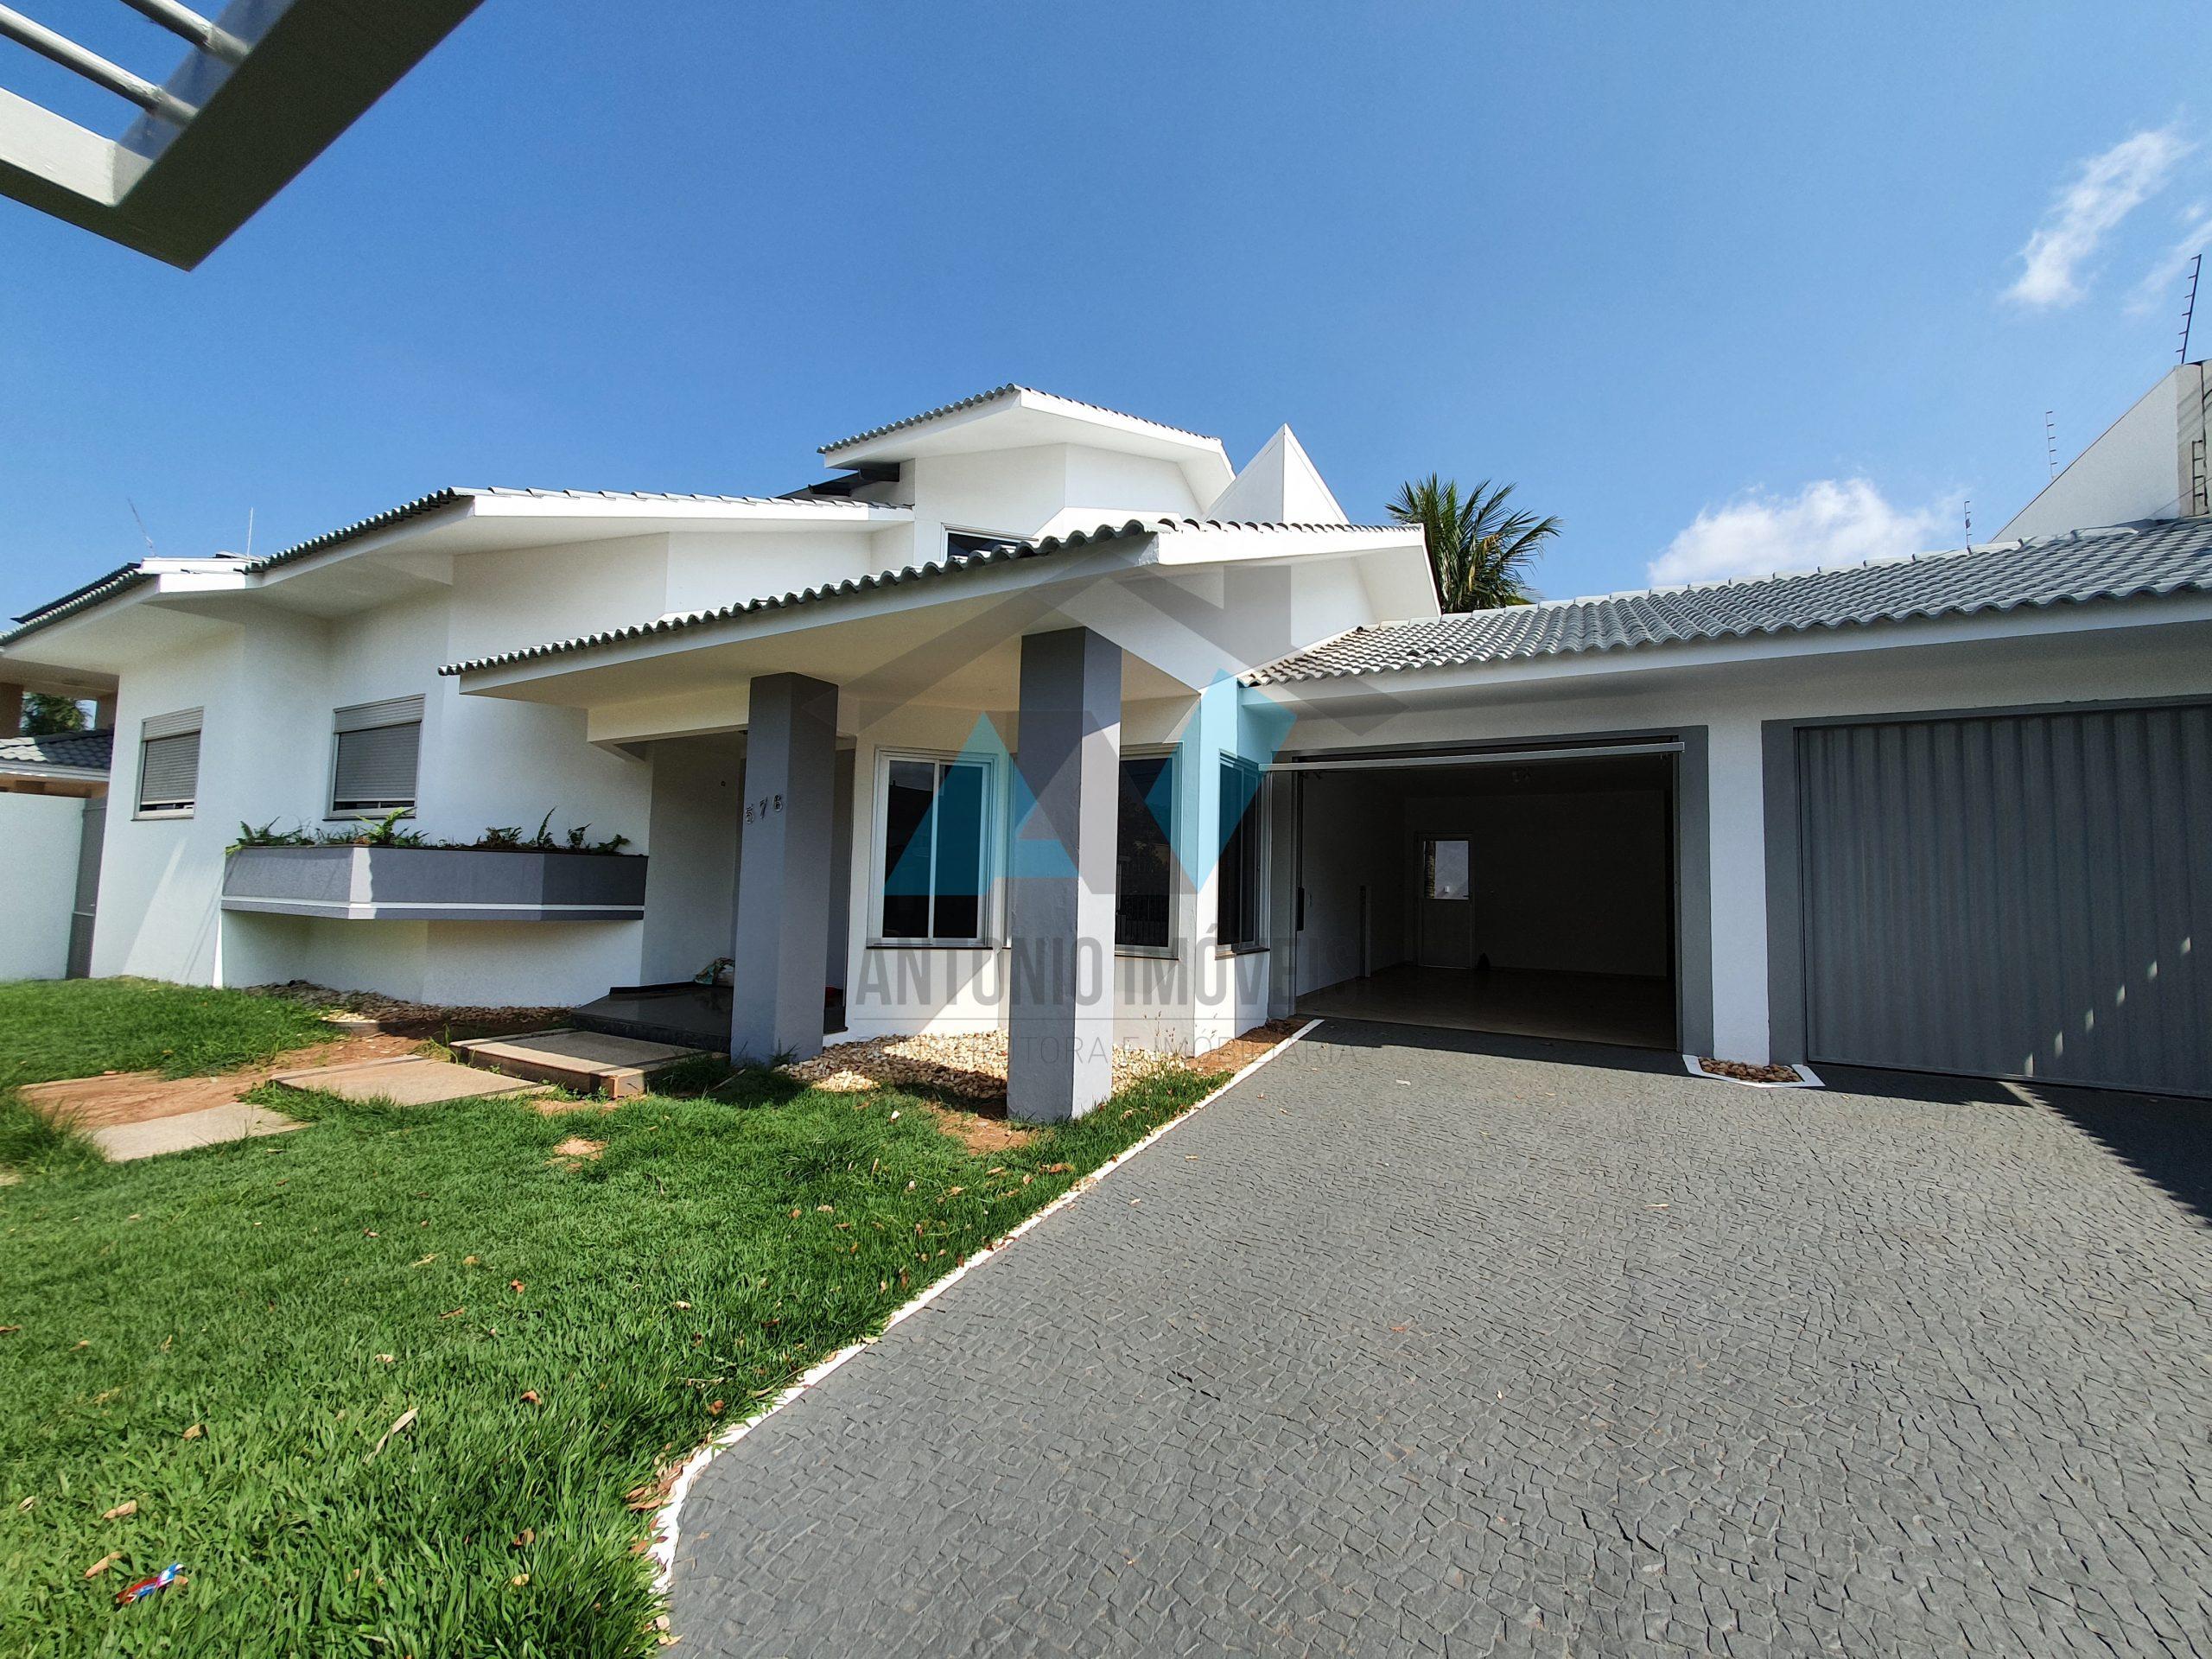 Cod. 187 – Casa bem localizada no Centro com 900m² de terreno e 700m² de área construída